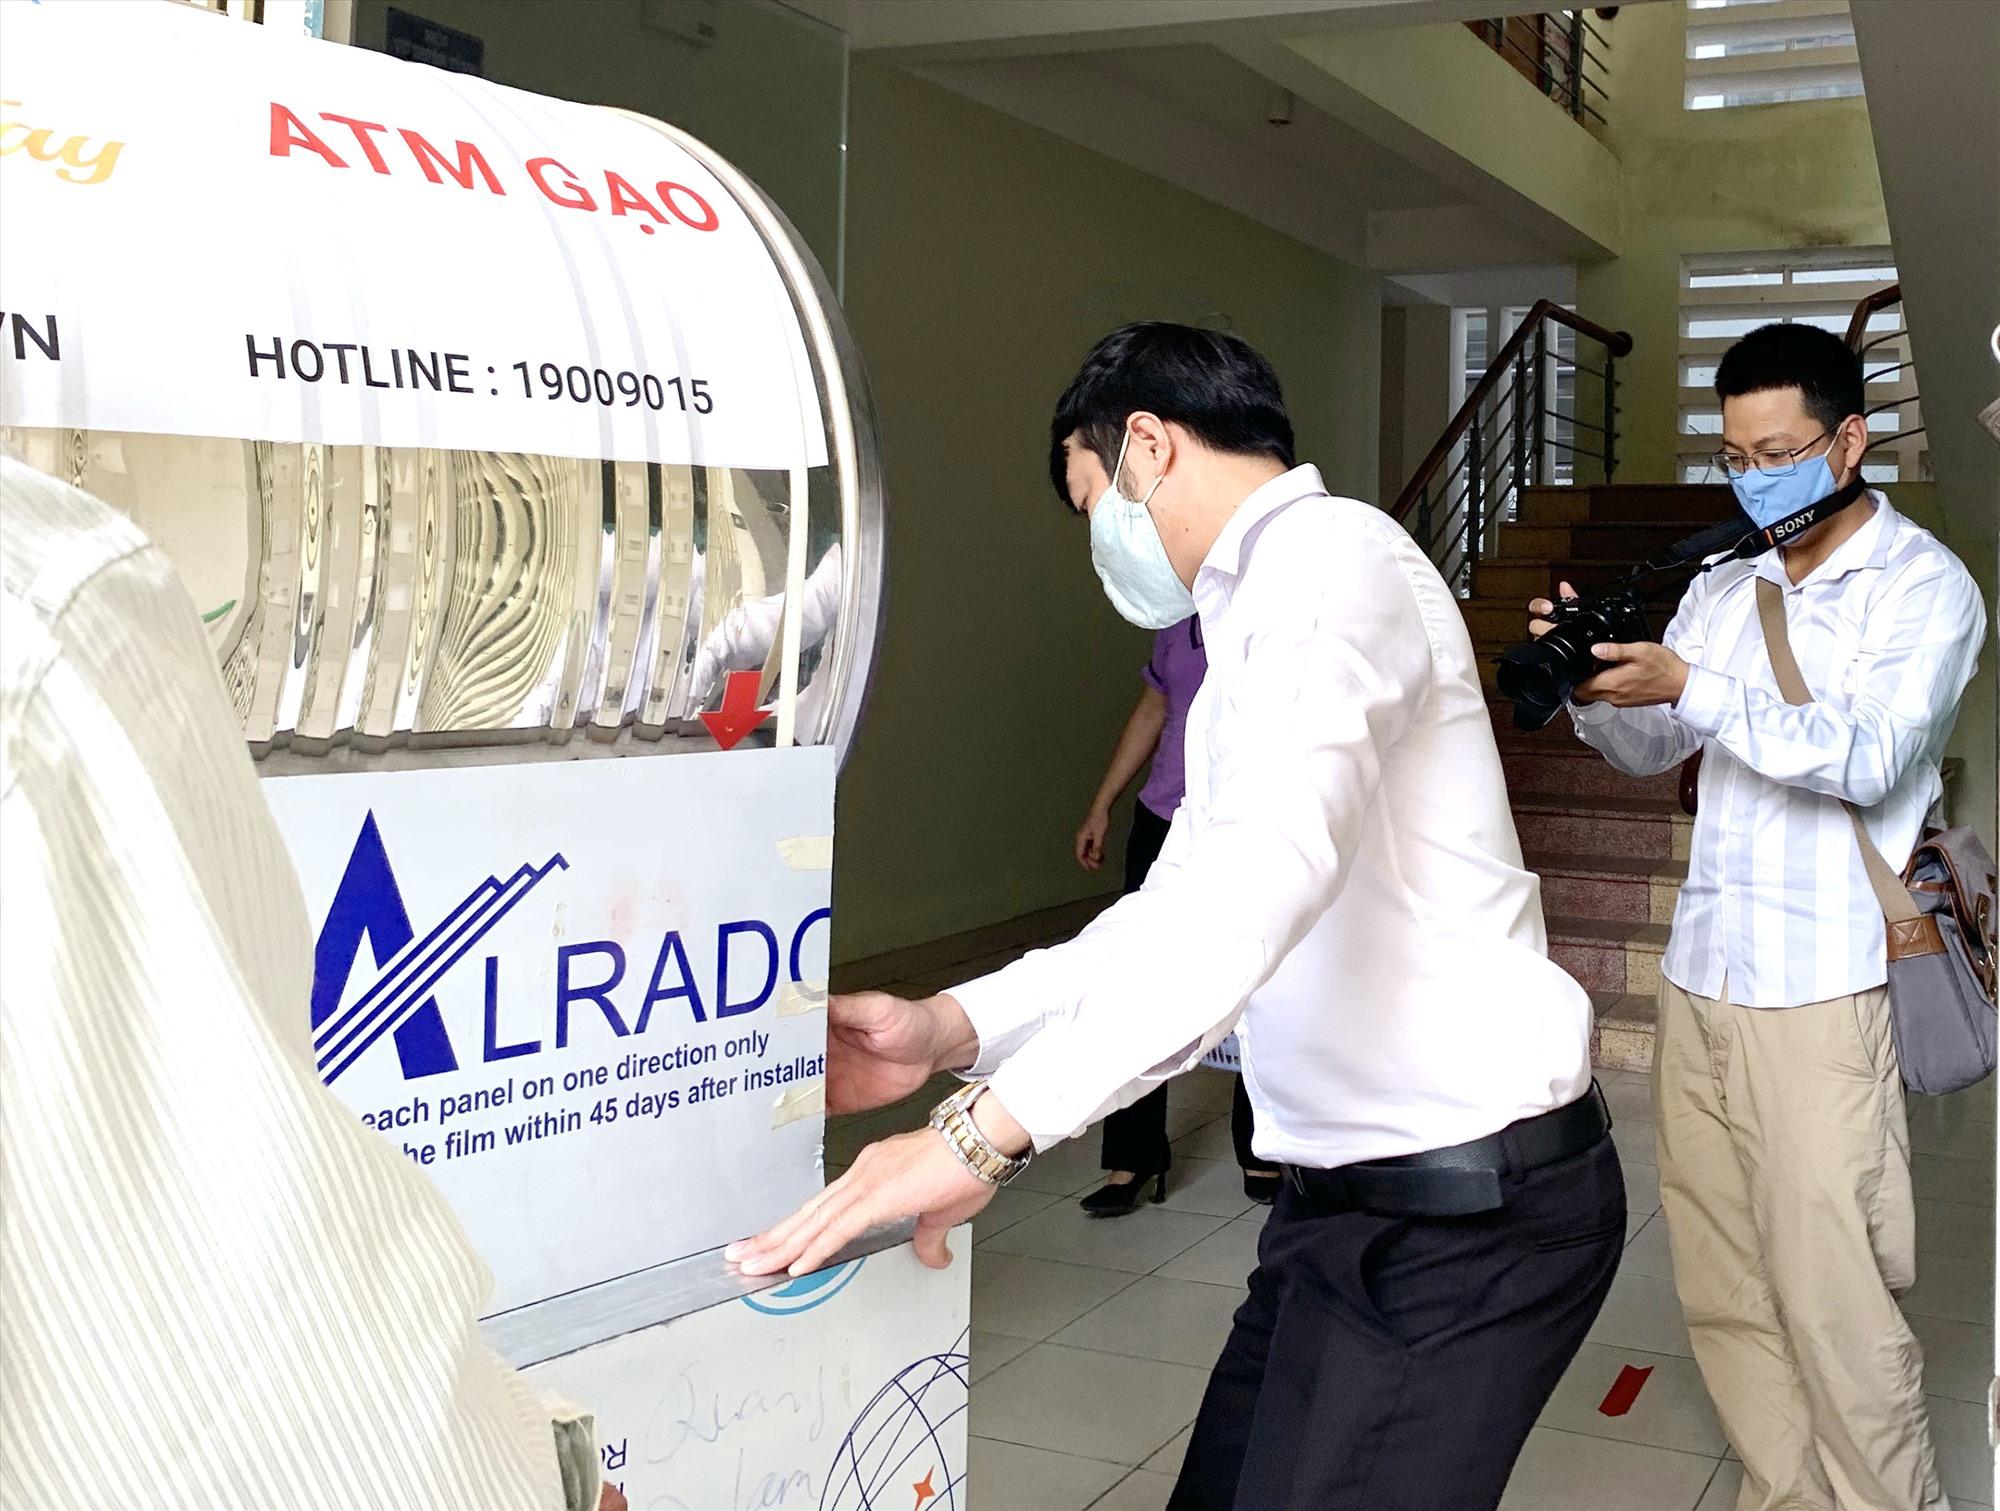 Phóng viên Báo Quảng Nam online đưa tin một ATM gạo ở Tam Kỳ tháng 4.2020.Ảnh: P.V